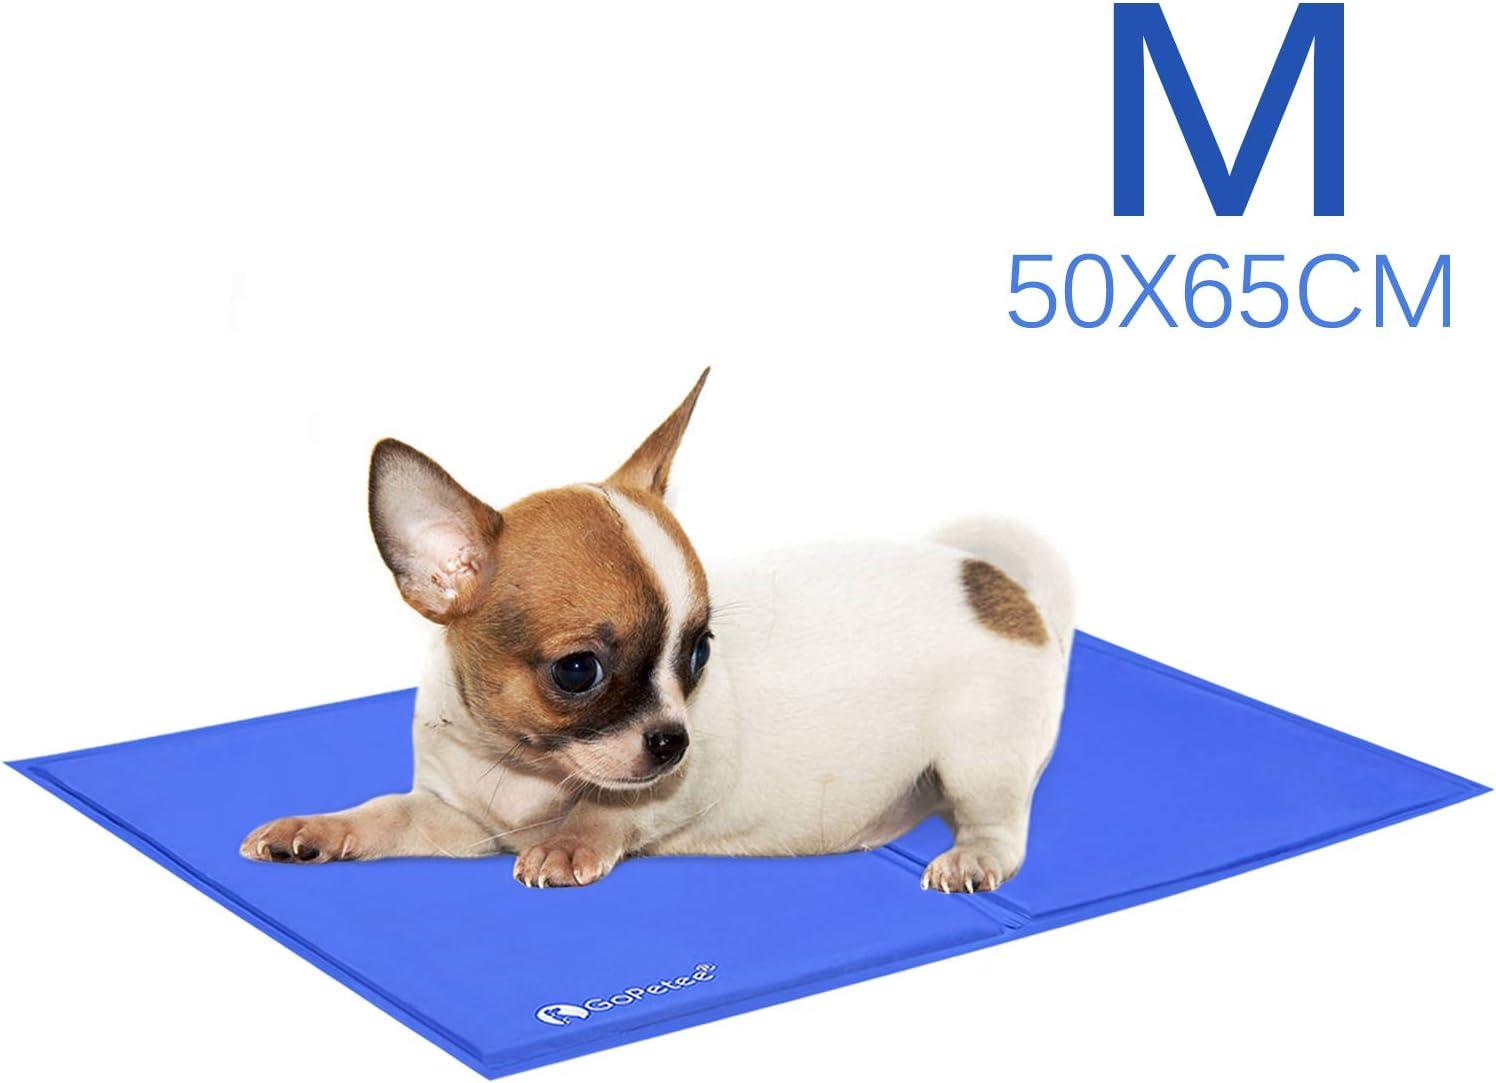 GoPetee Alfombrilla de Refrigeración para Mascotas Cama de Perro y Gato para Verano Animales Manta de Dormir Fresco Cojín (M 65 x 50 cm, Azul)